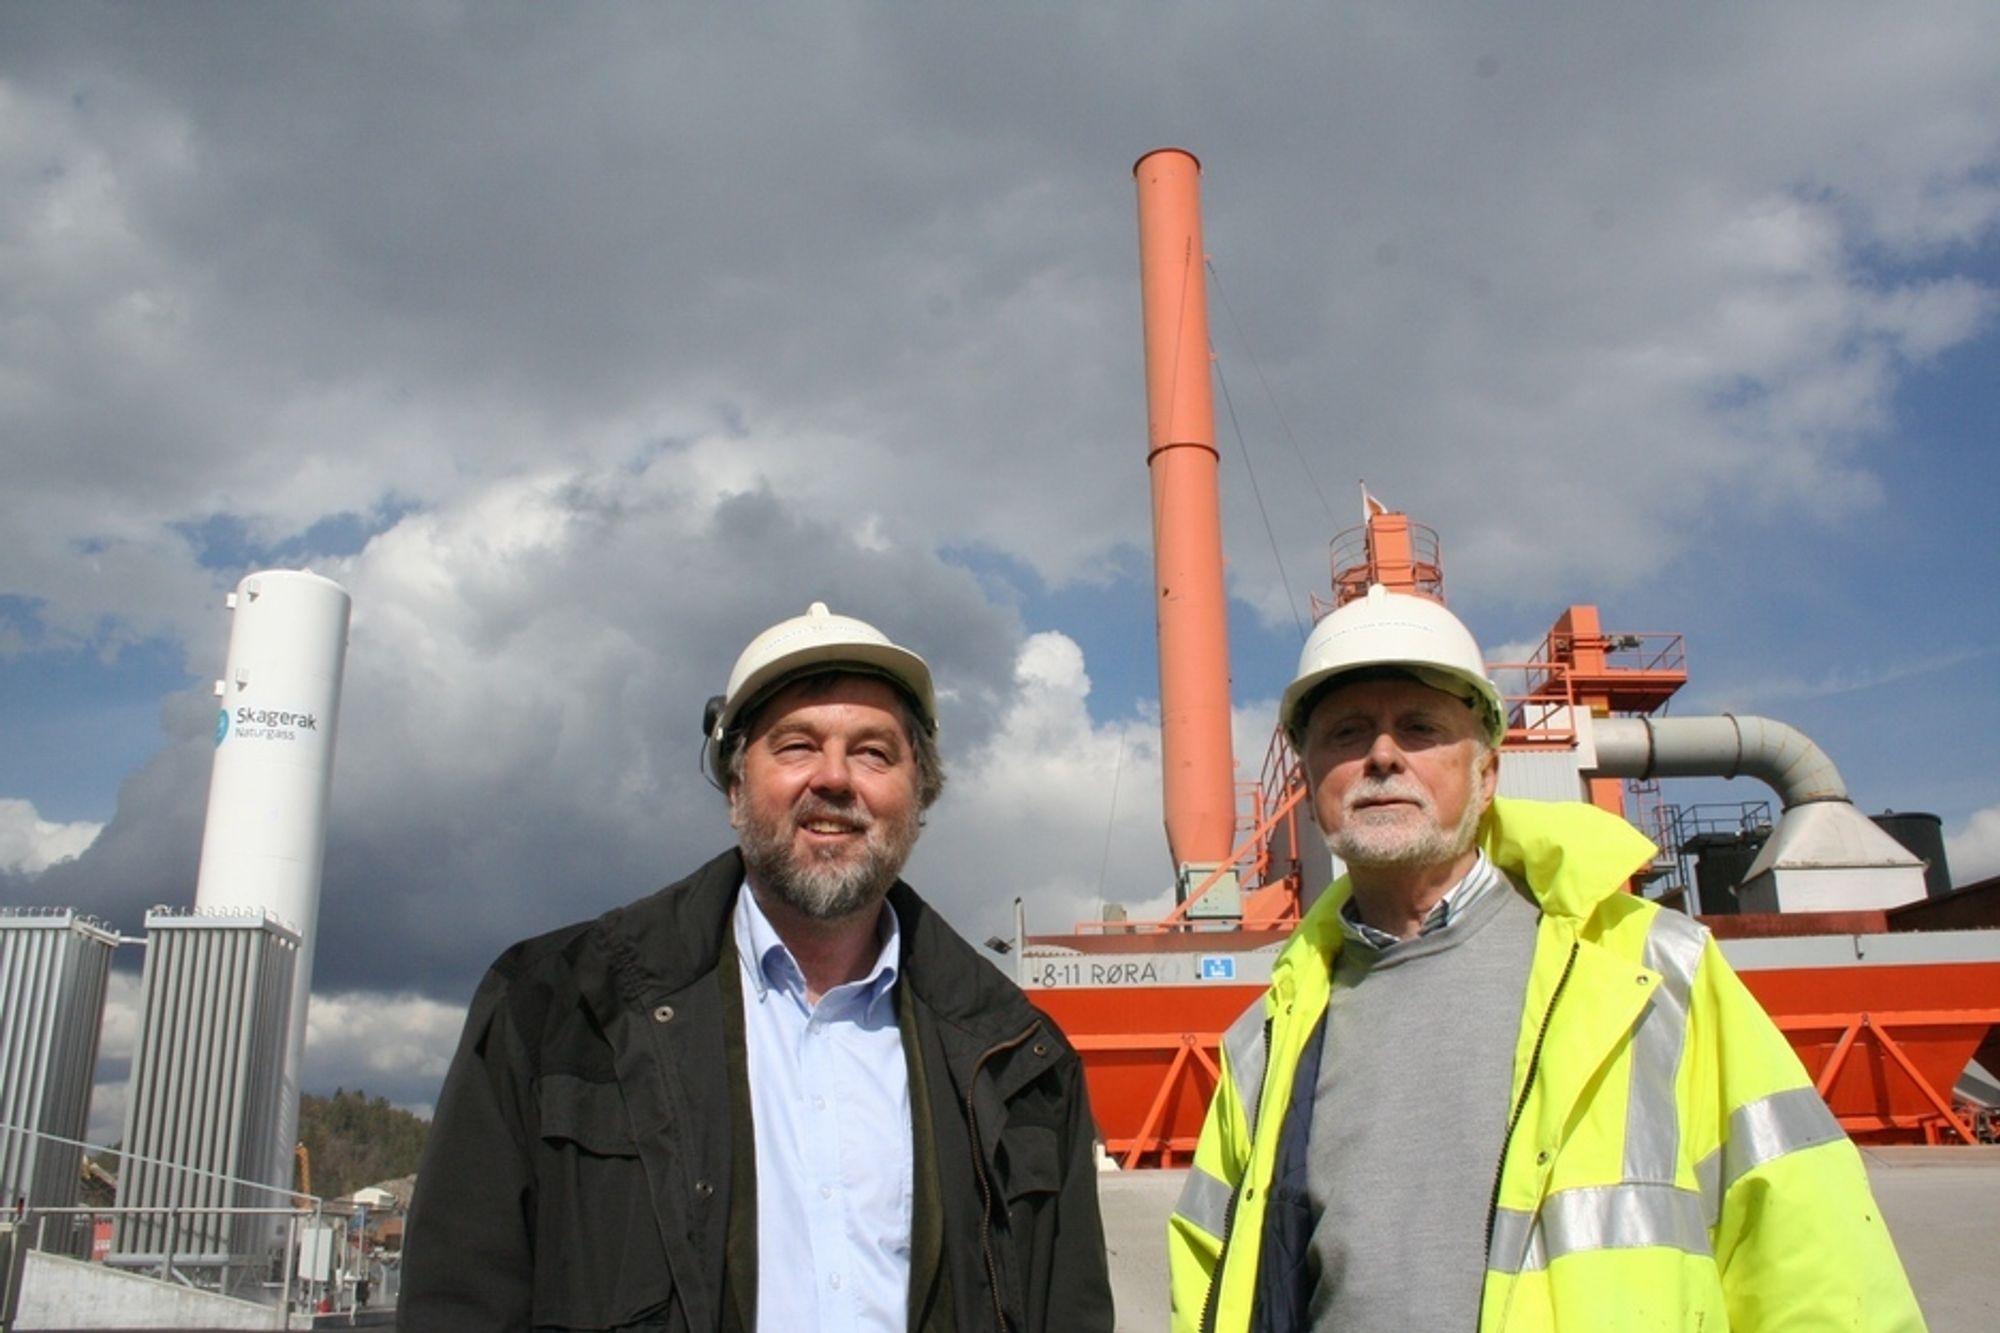 Etter omlegging til naturgass blir utslippende fra Skien-fabrikken til Lemminkäinen vesentlig renere, konstaterer Grant Gundersen, adm.dir i Skagerak Naturgass og regiondirektør Finn Halvor Skaardal i Lemminkäinen.